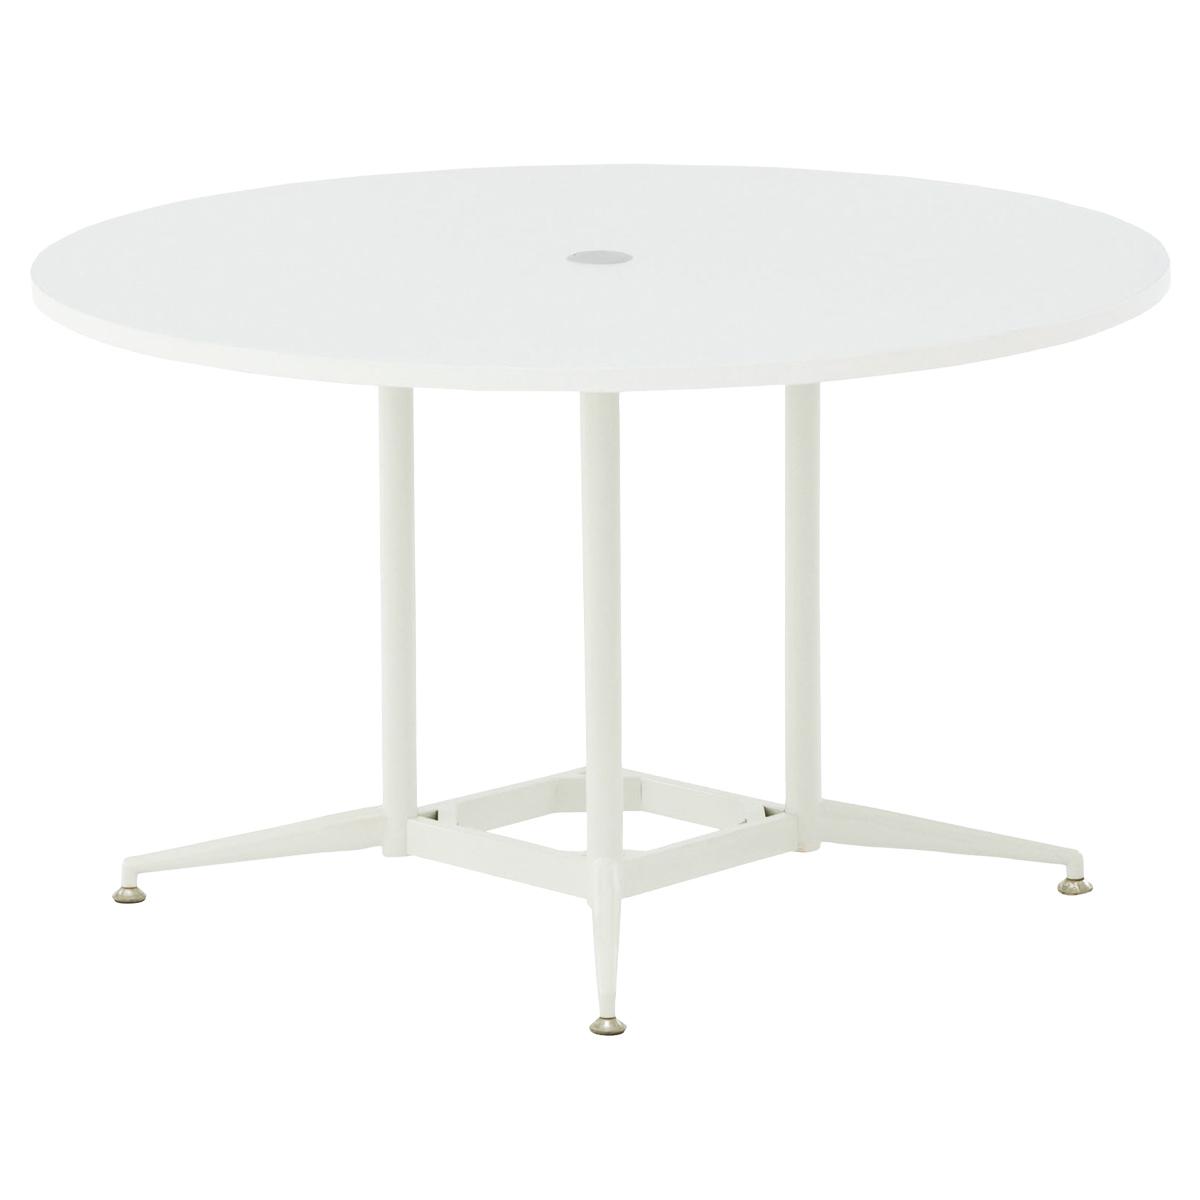 OAラウンドテーブル W1200 D1200 H700 ホワイト テーブル ミーティングテーブル RYシリーズ オフィス家具 オフィステーブル 会議用テーブル パソコン キャップ